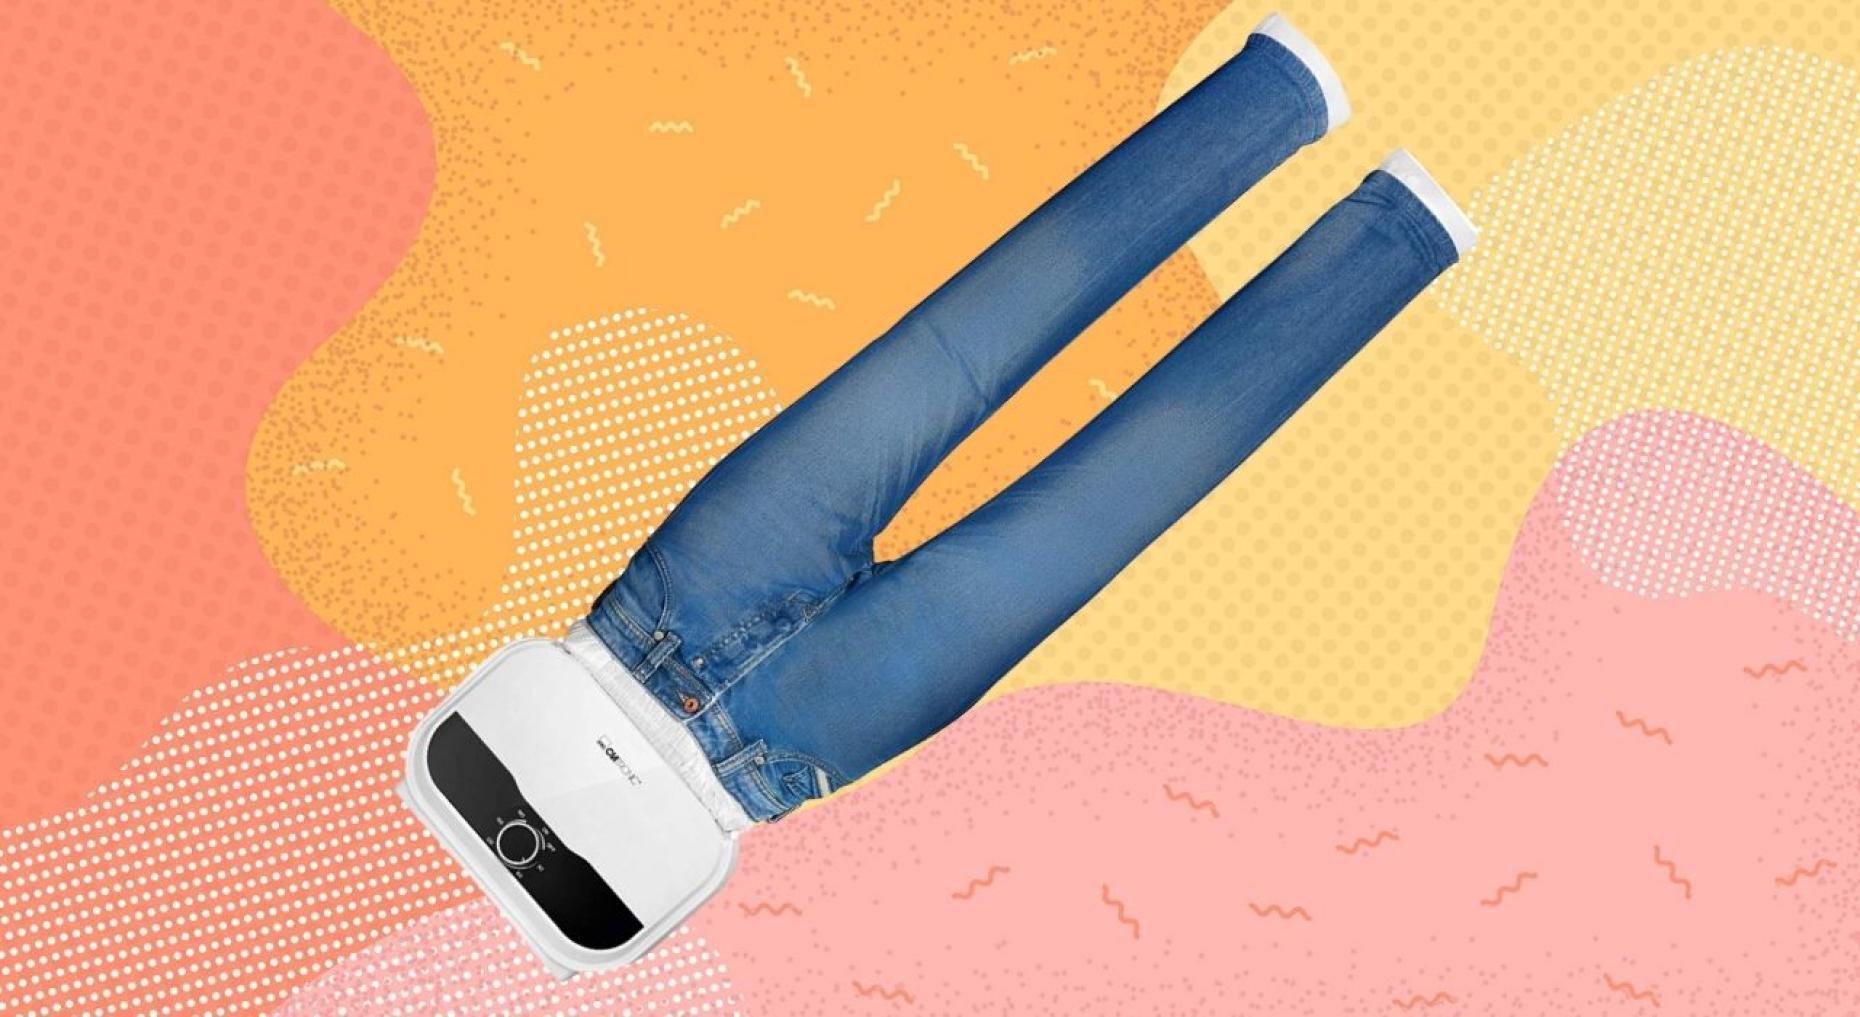 Plancha Secadora Automatica En Amazon Por 100 Euros Business Insider Espana